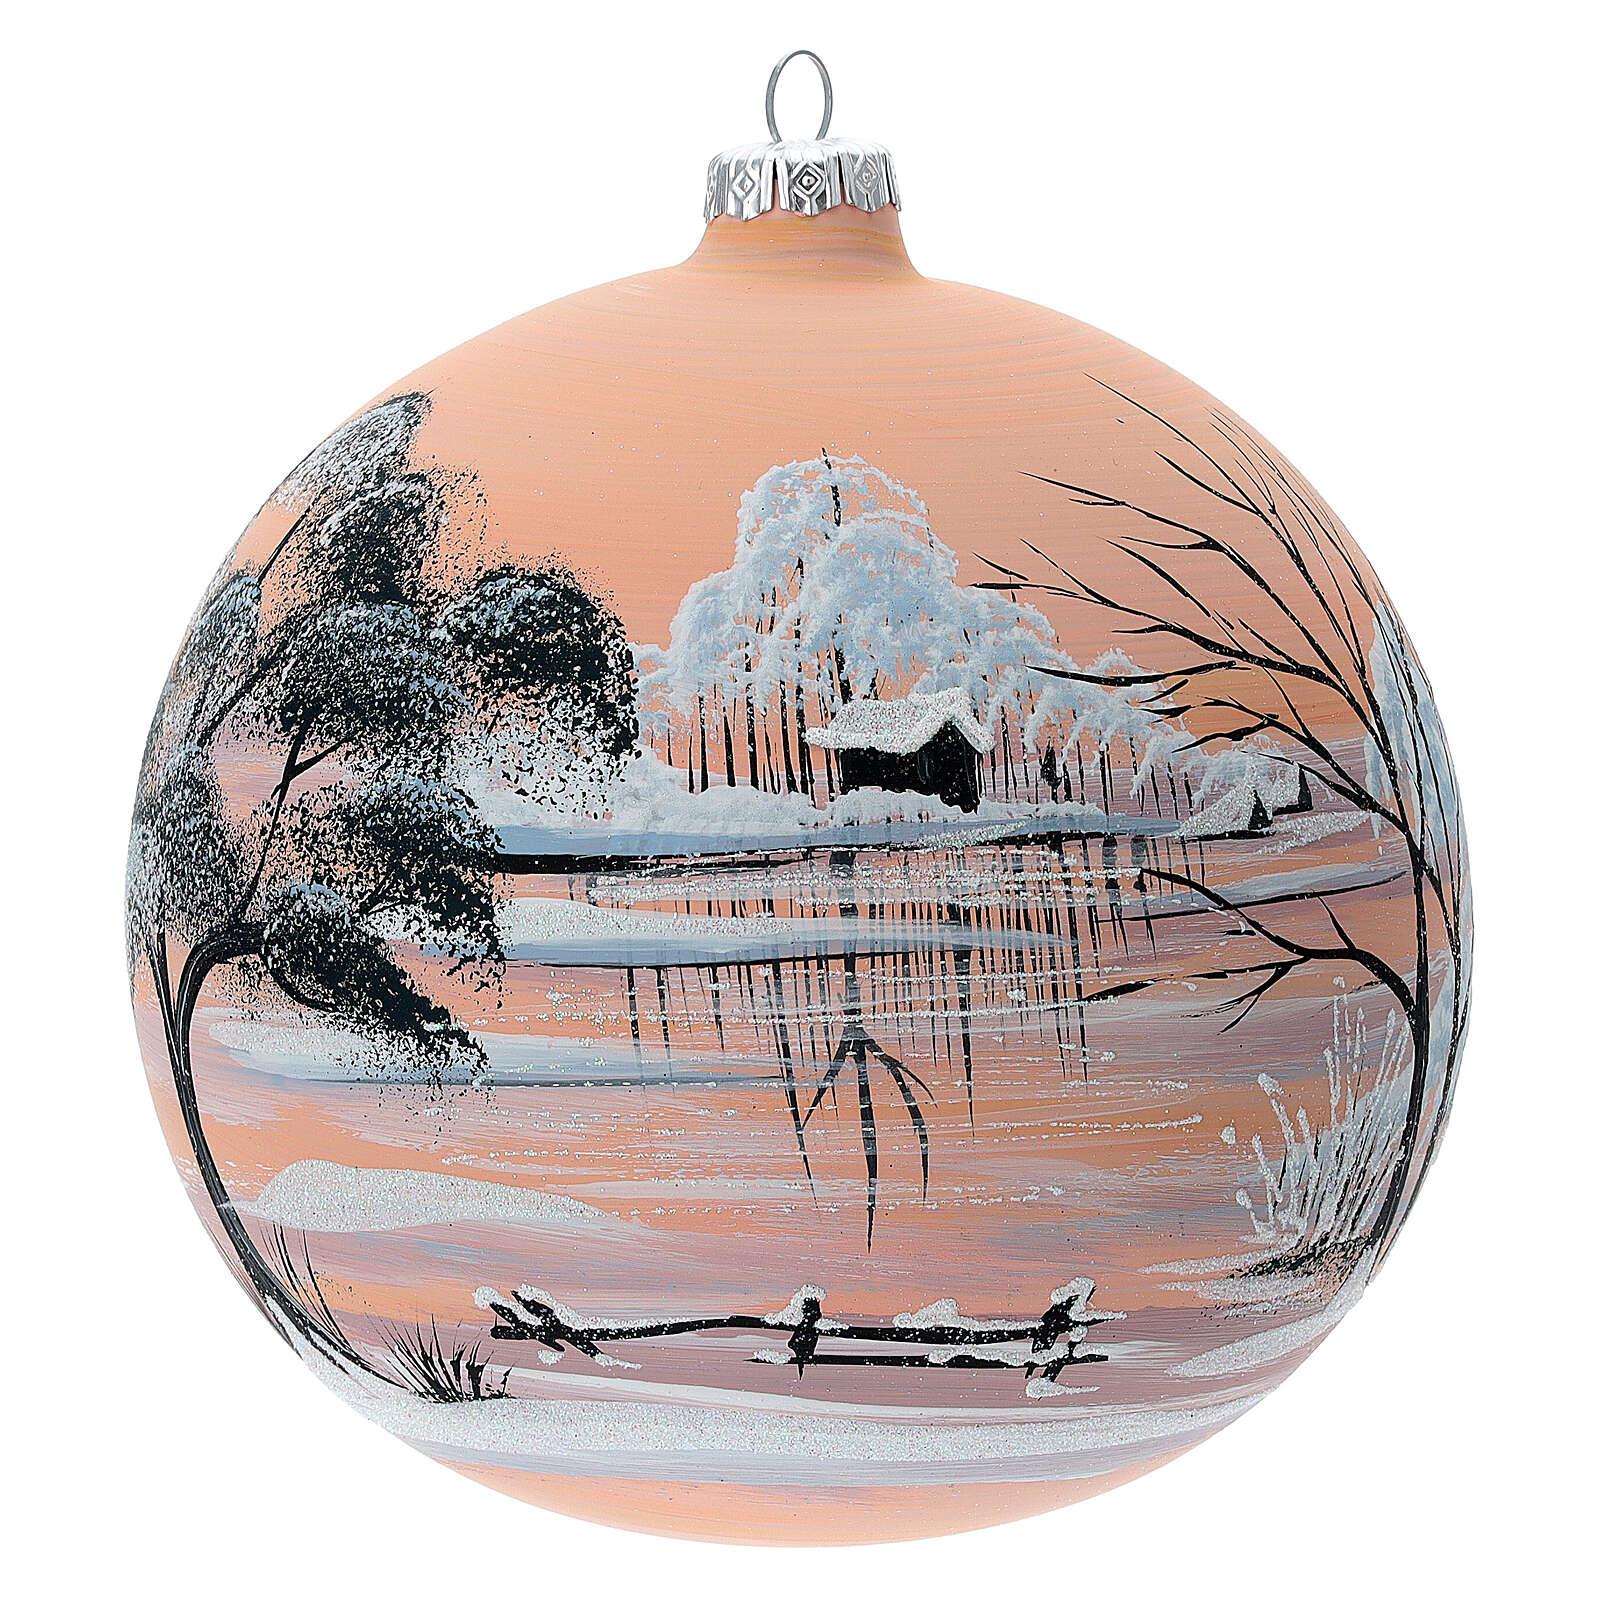 Bola árvore de Natal paisagem nevada com fundo cor pêssego vidro soprado 150 mm 4